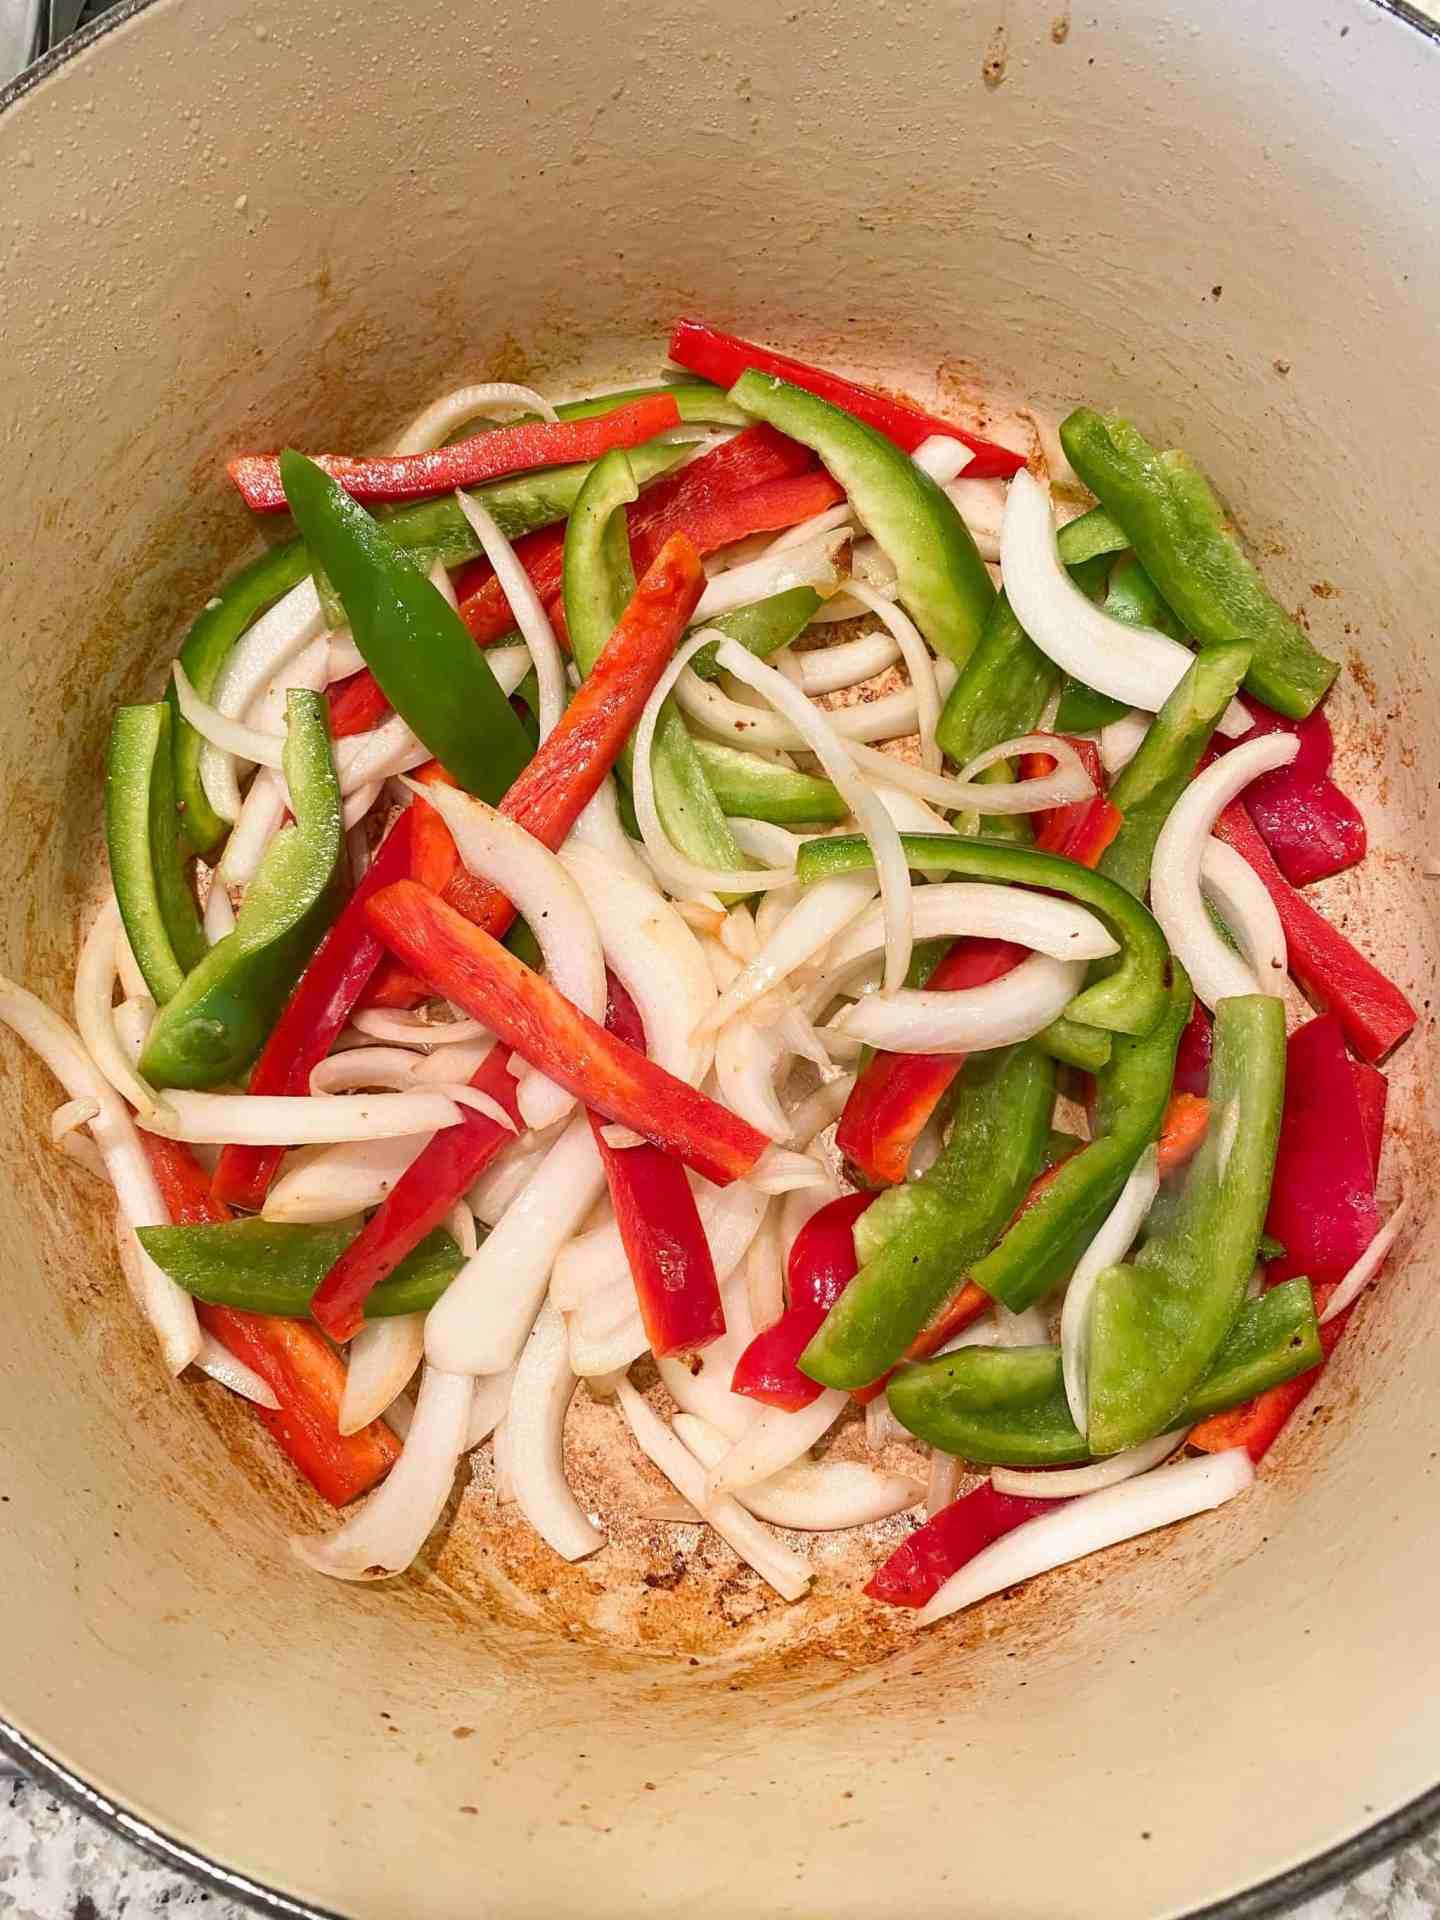 saute-fajita-vegetables